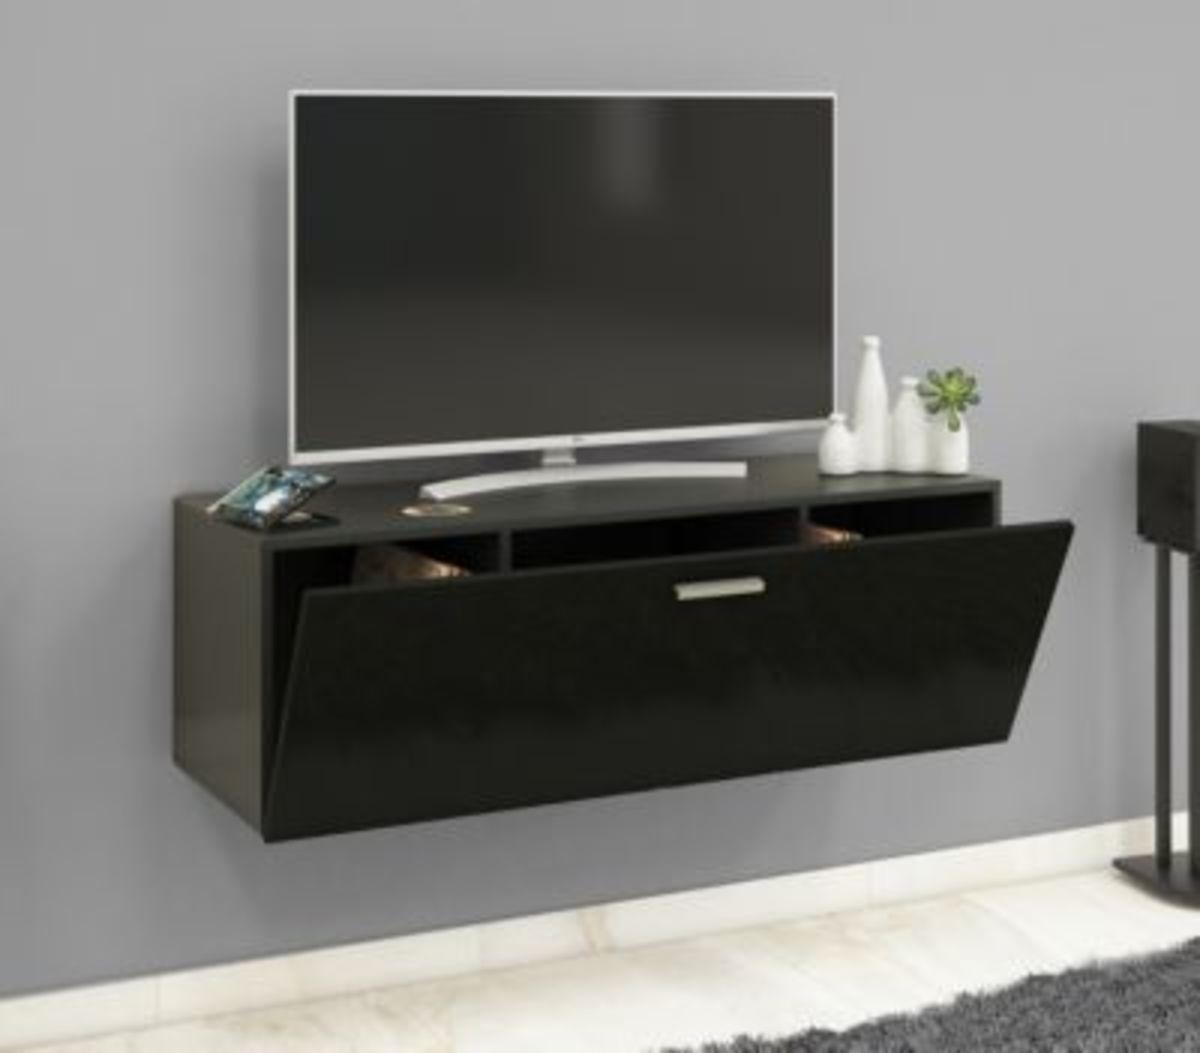 """Bild 2 von VCM TV Wand Board Fernsehtisch Lowboard Wohnwand Regal Wandschrank Schrank Tisch Hängend """"Fernso"""" VCM TV-Wand-Lowboard """"Fernso"""" (Farbe: B. 115cm: Schwarz)"""